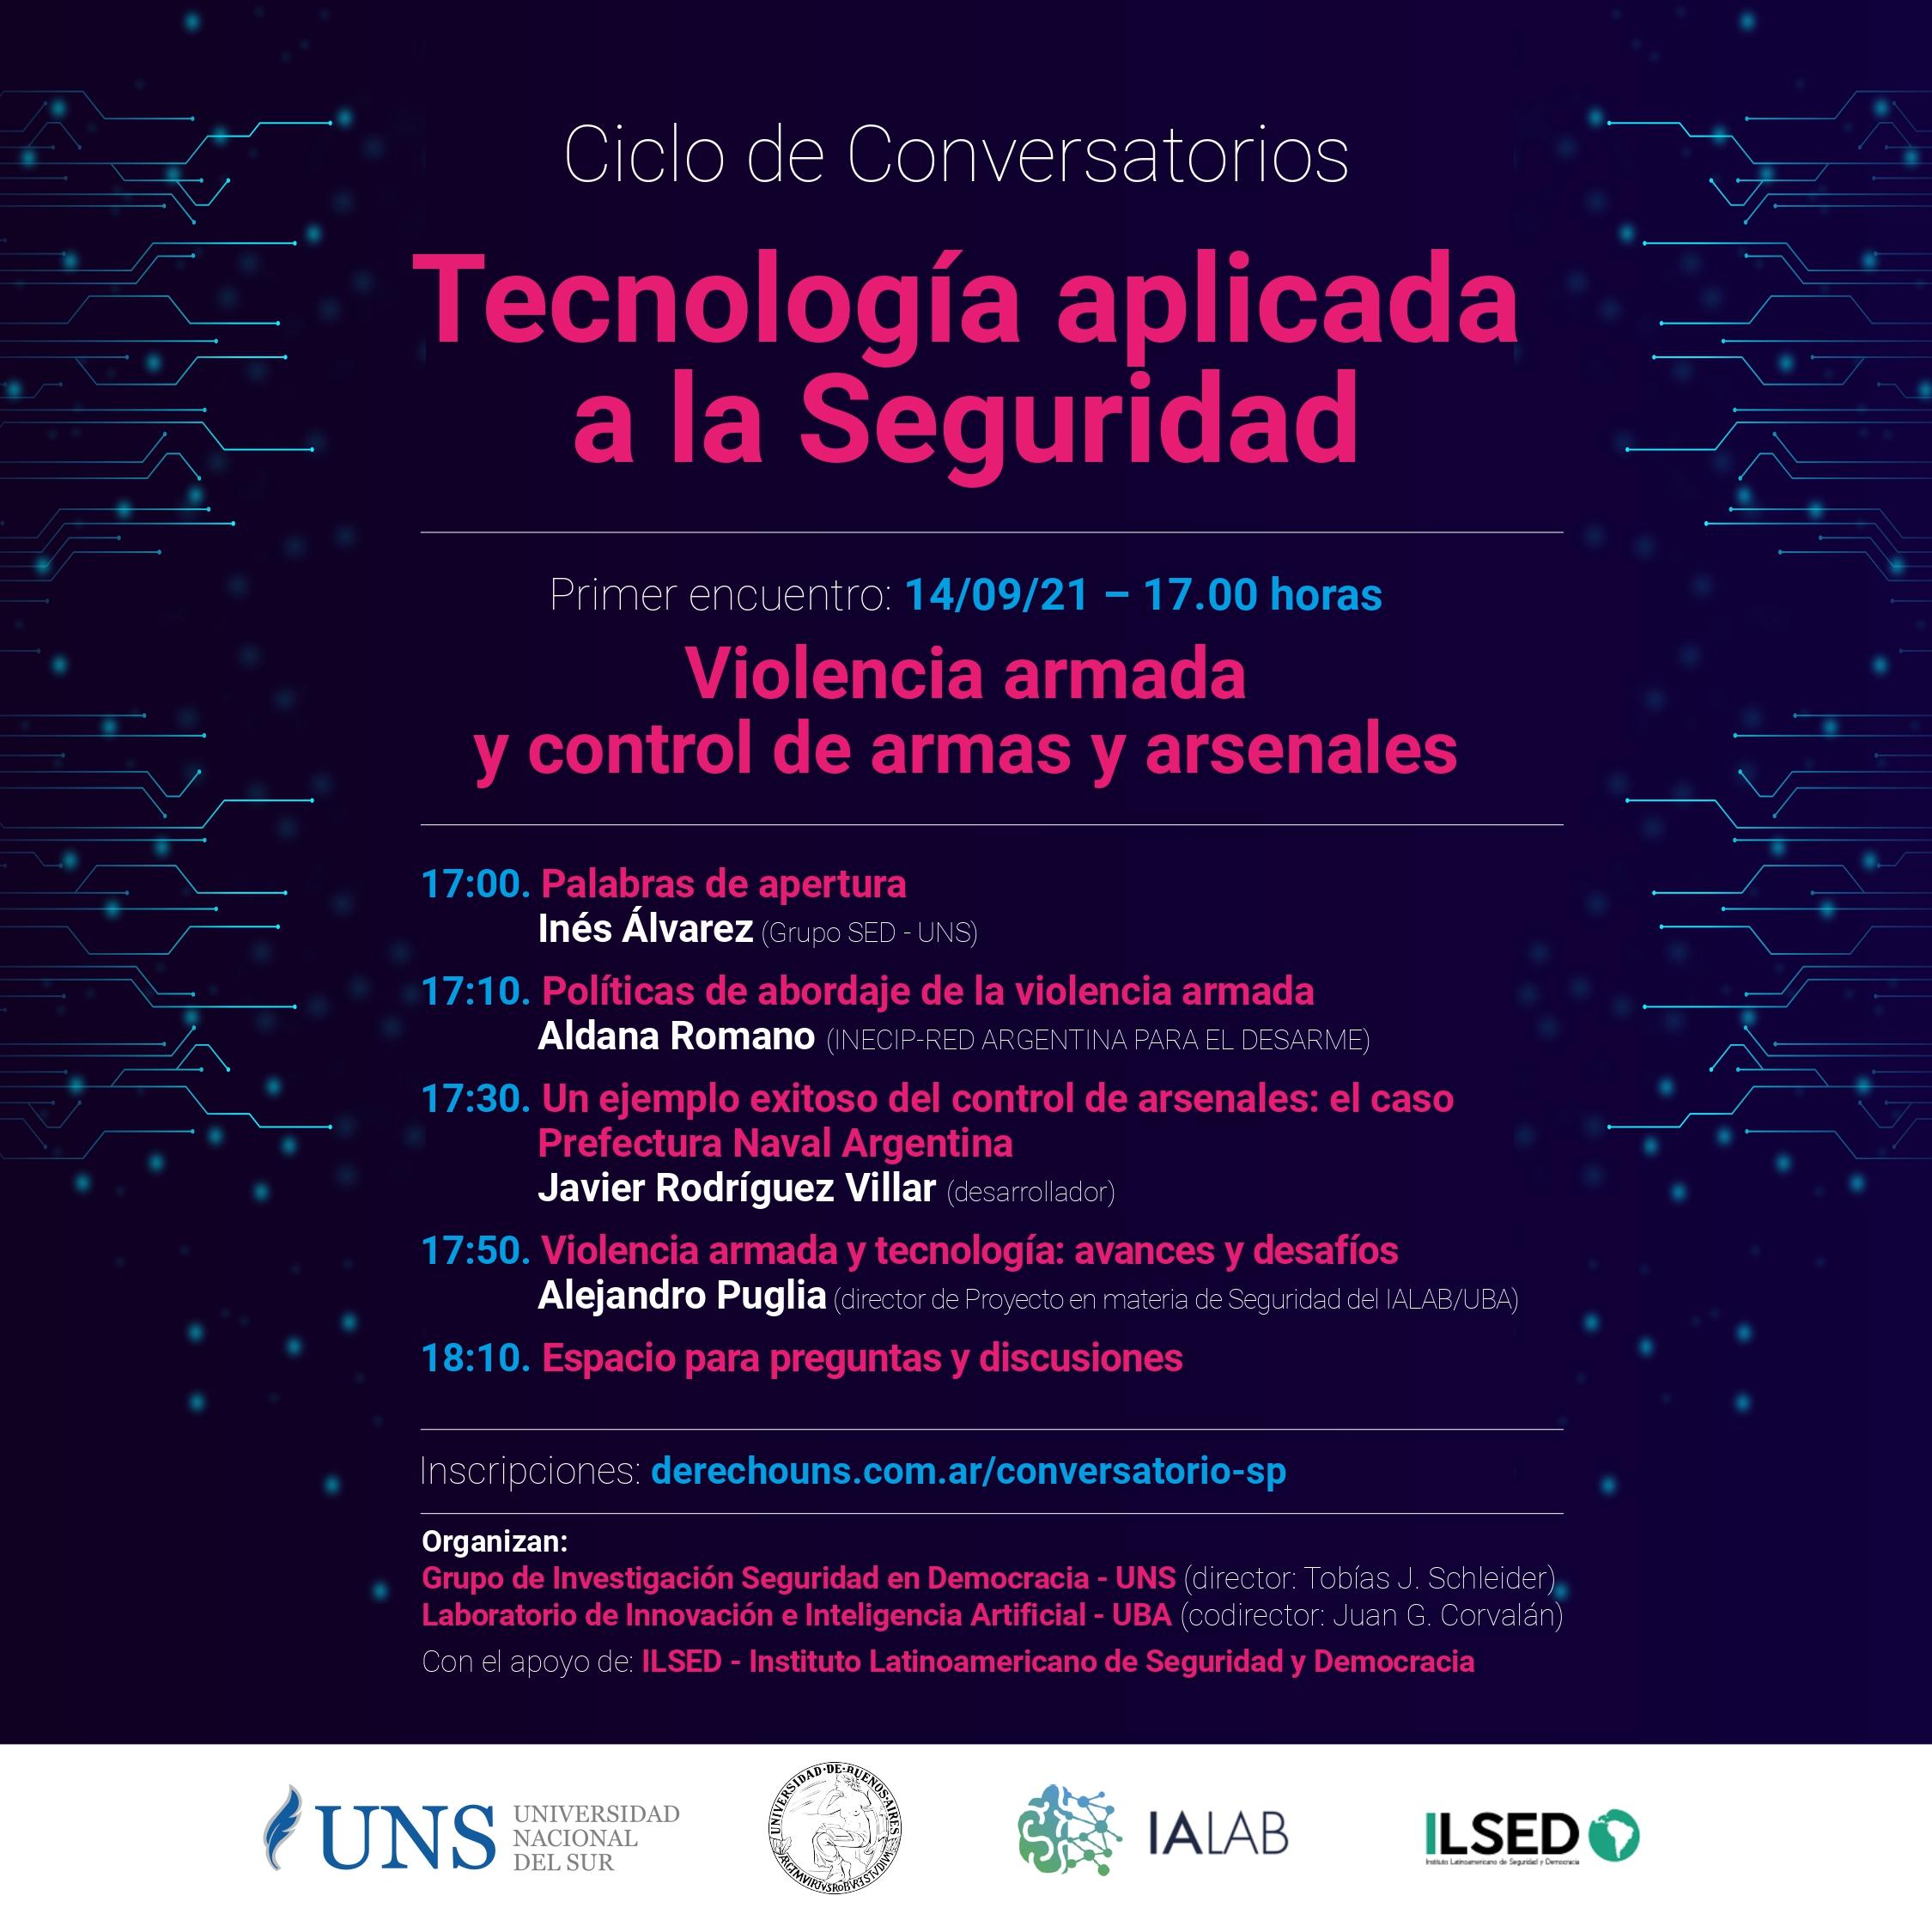 Conversatorio Seguridad & Tecnologia